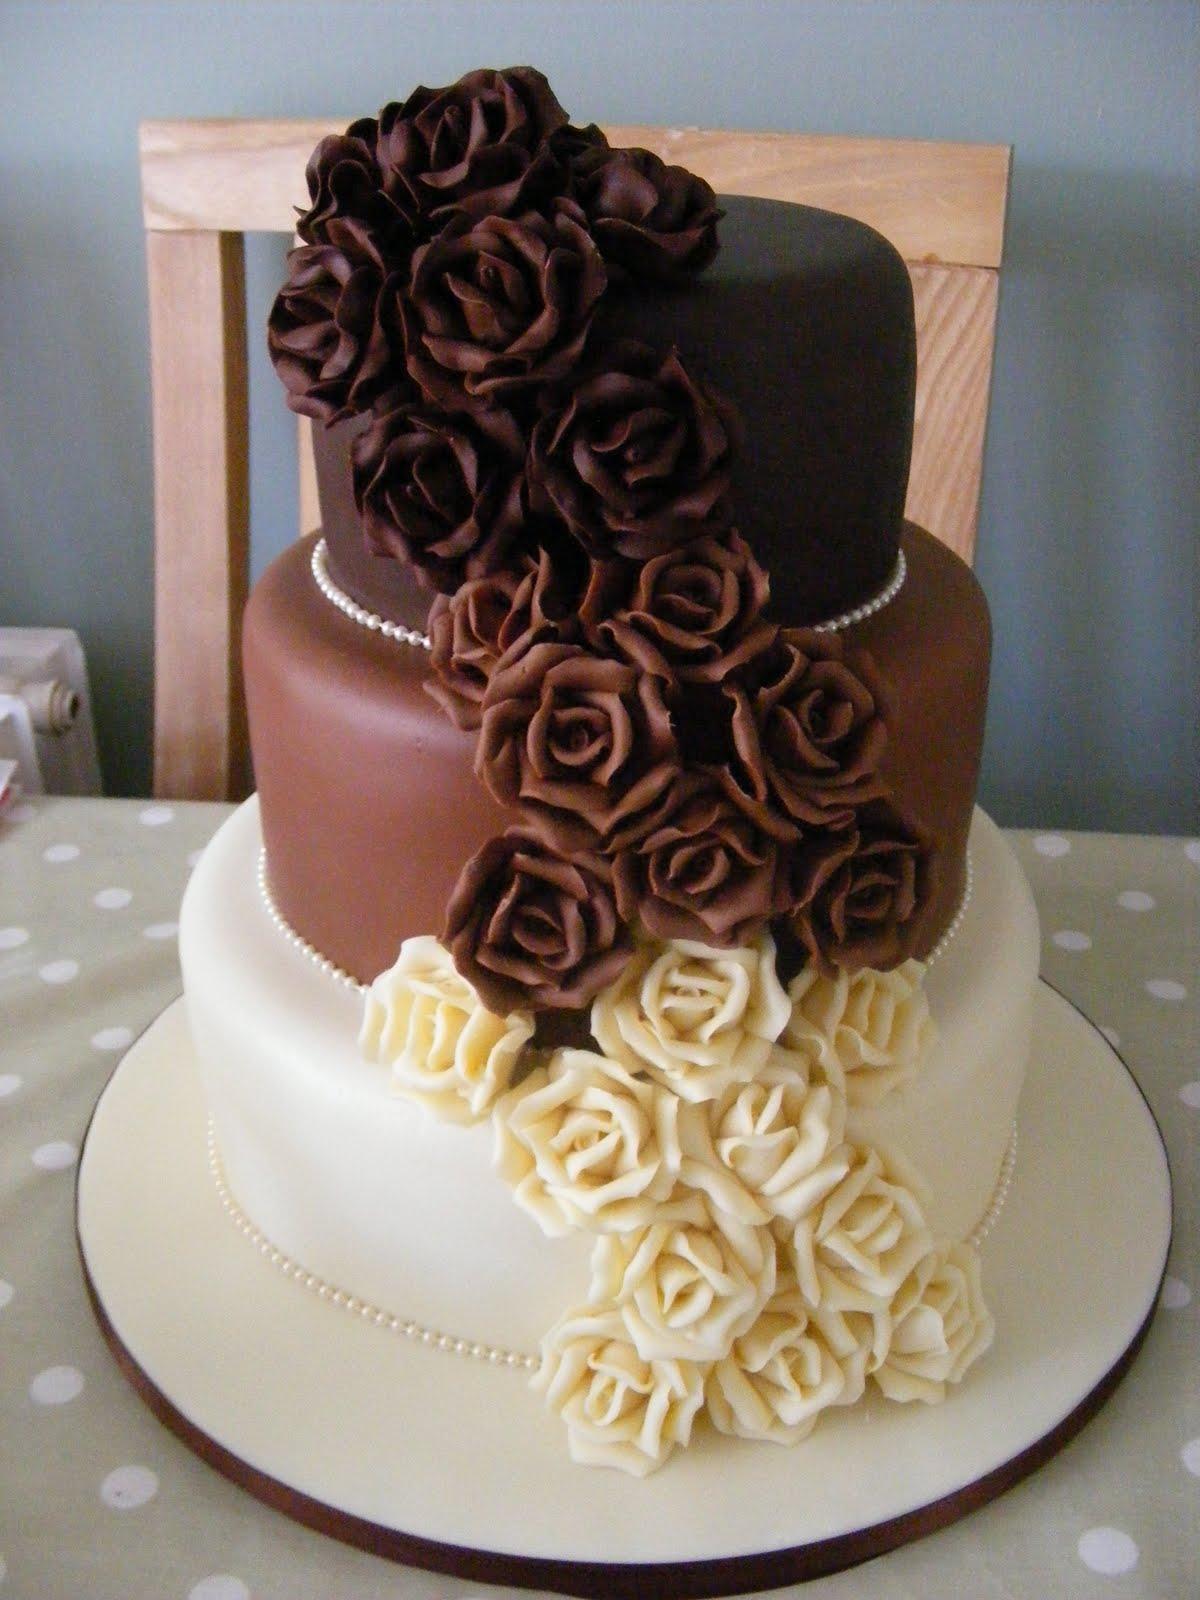 9 Photos of 3 Tier Chocolate Wedding Cakes